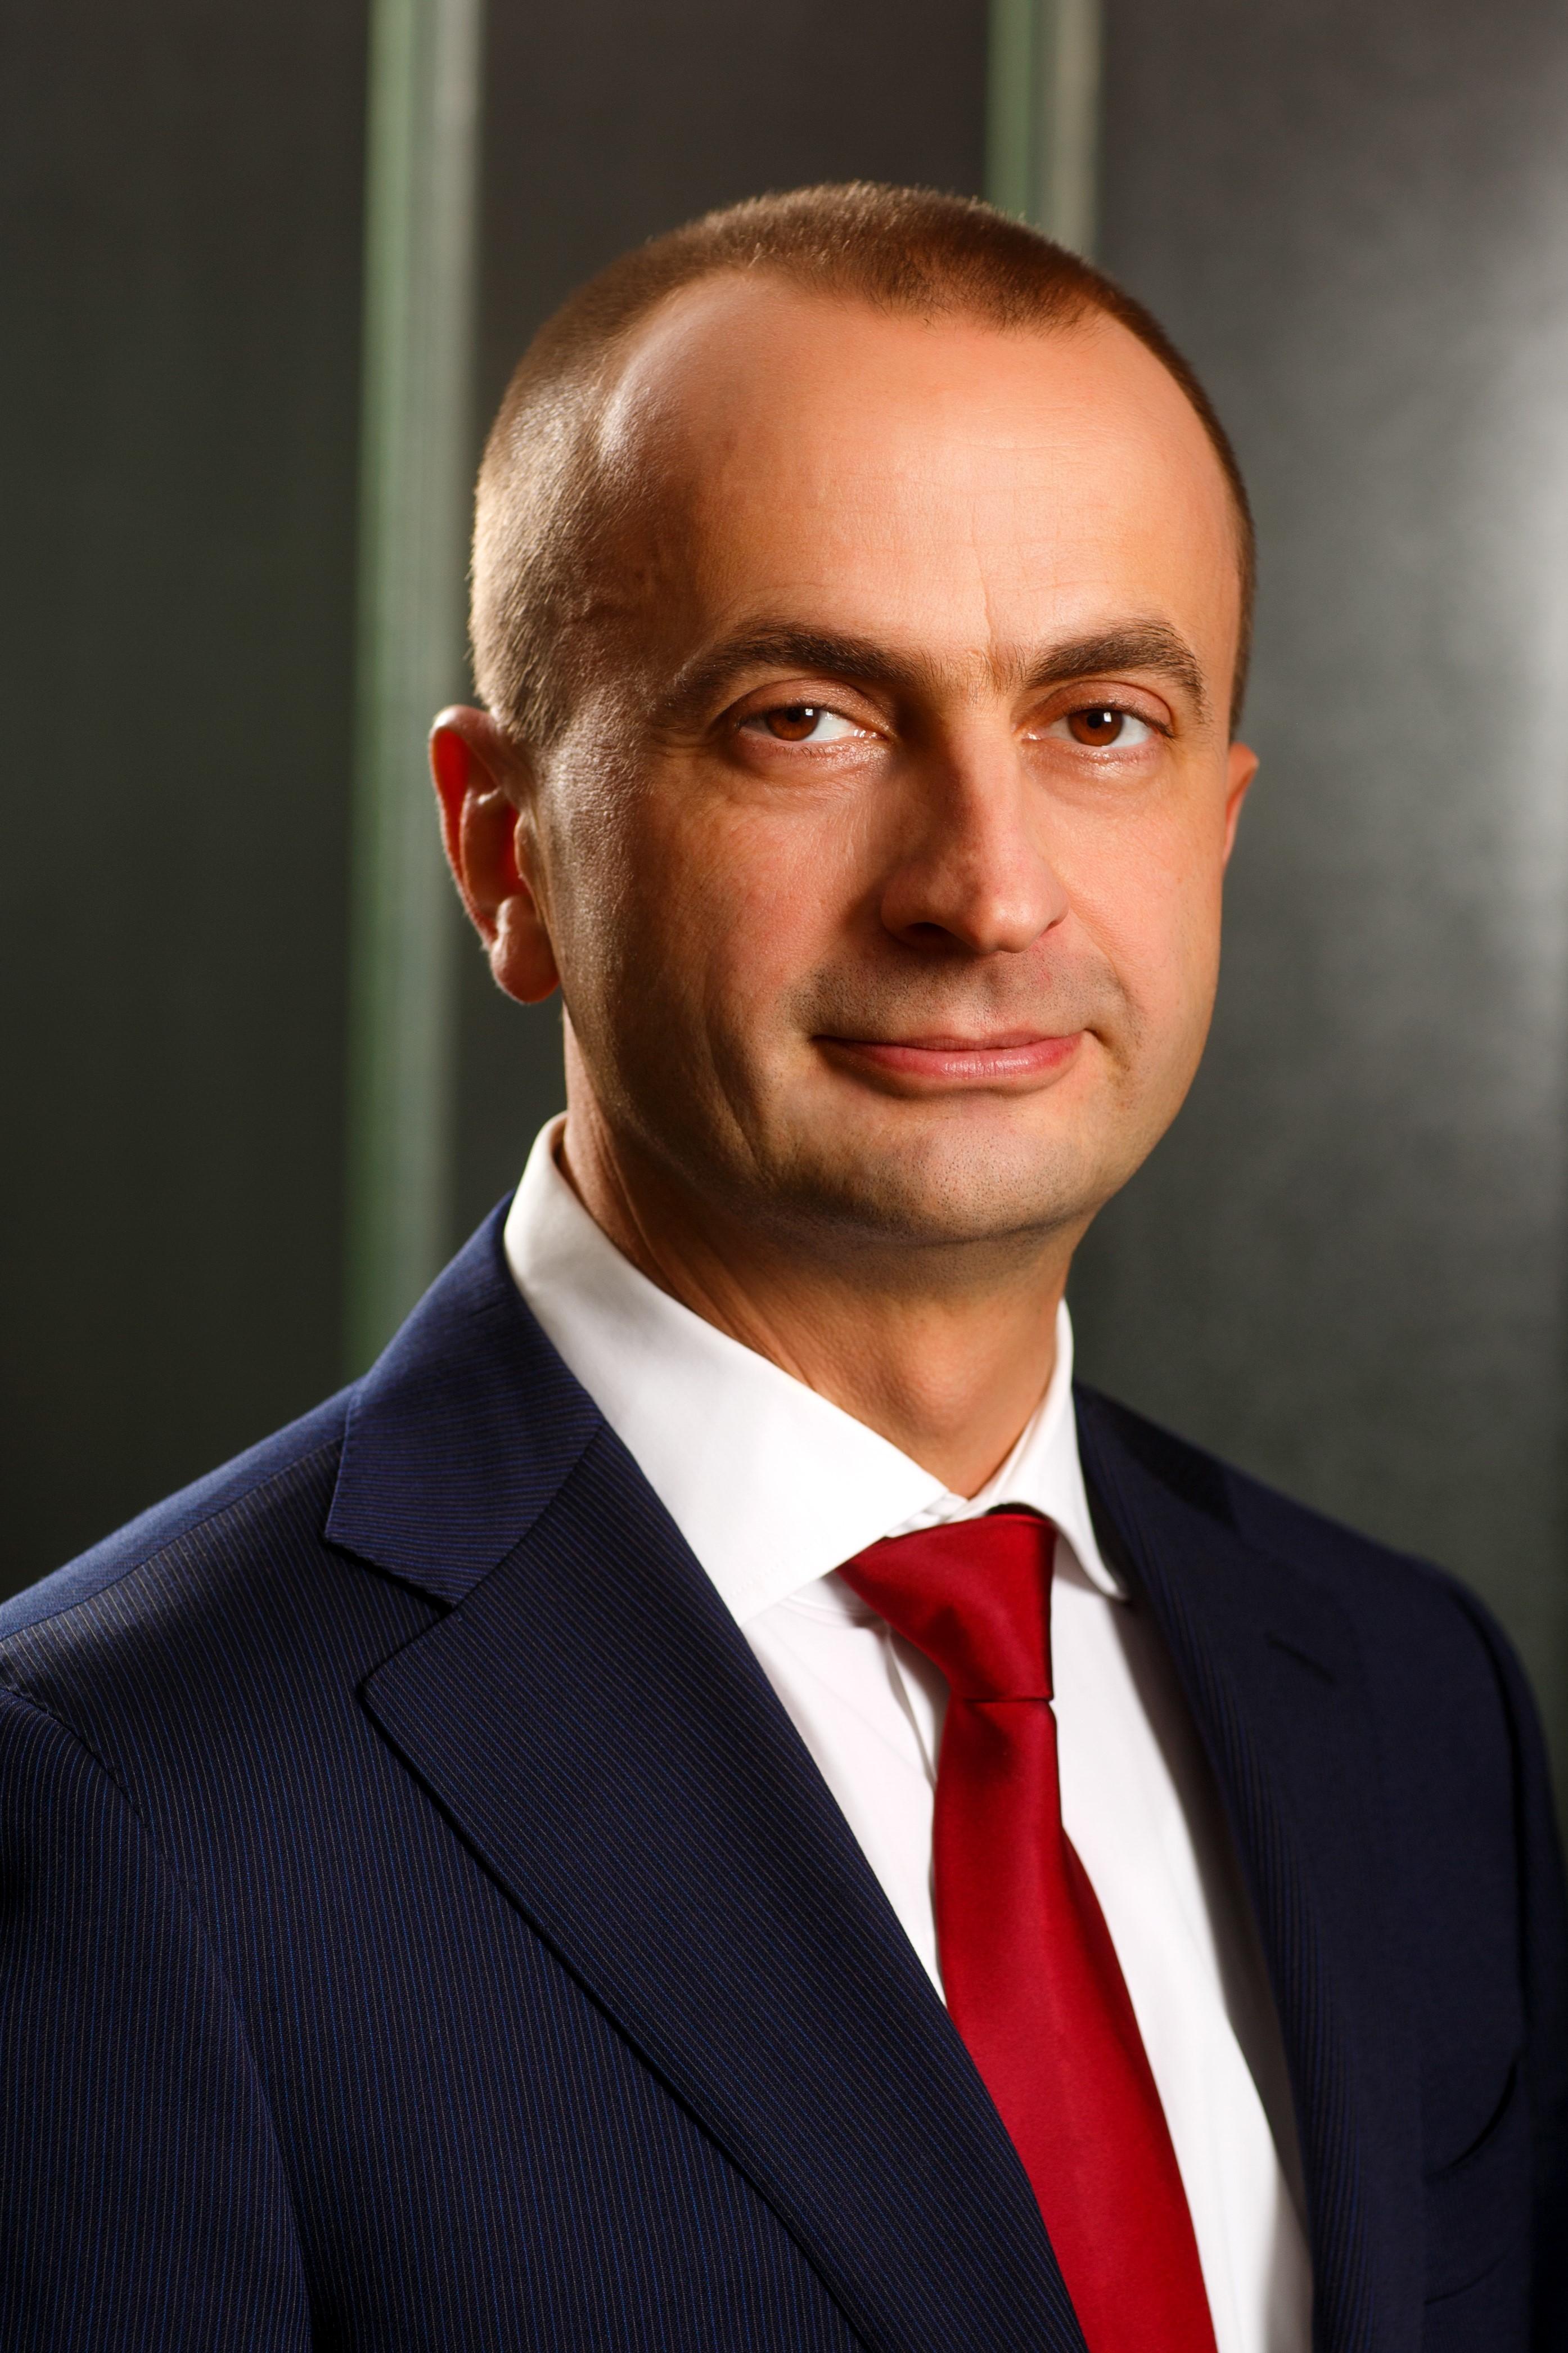 EY anunţă venituri de 34,8 mld. dolari în anul financiar 2018, în creştere cu 7,4%. Bogdan Ion, country managing partner: Am continuat creşterea accelerată, dezvoltând noi servicii bazate pe tehnologie